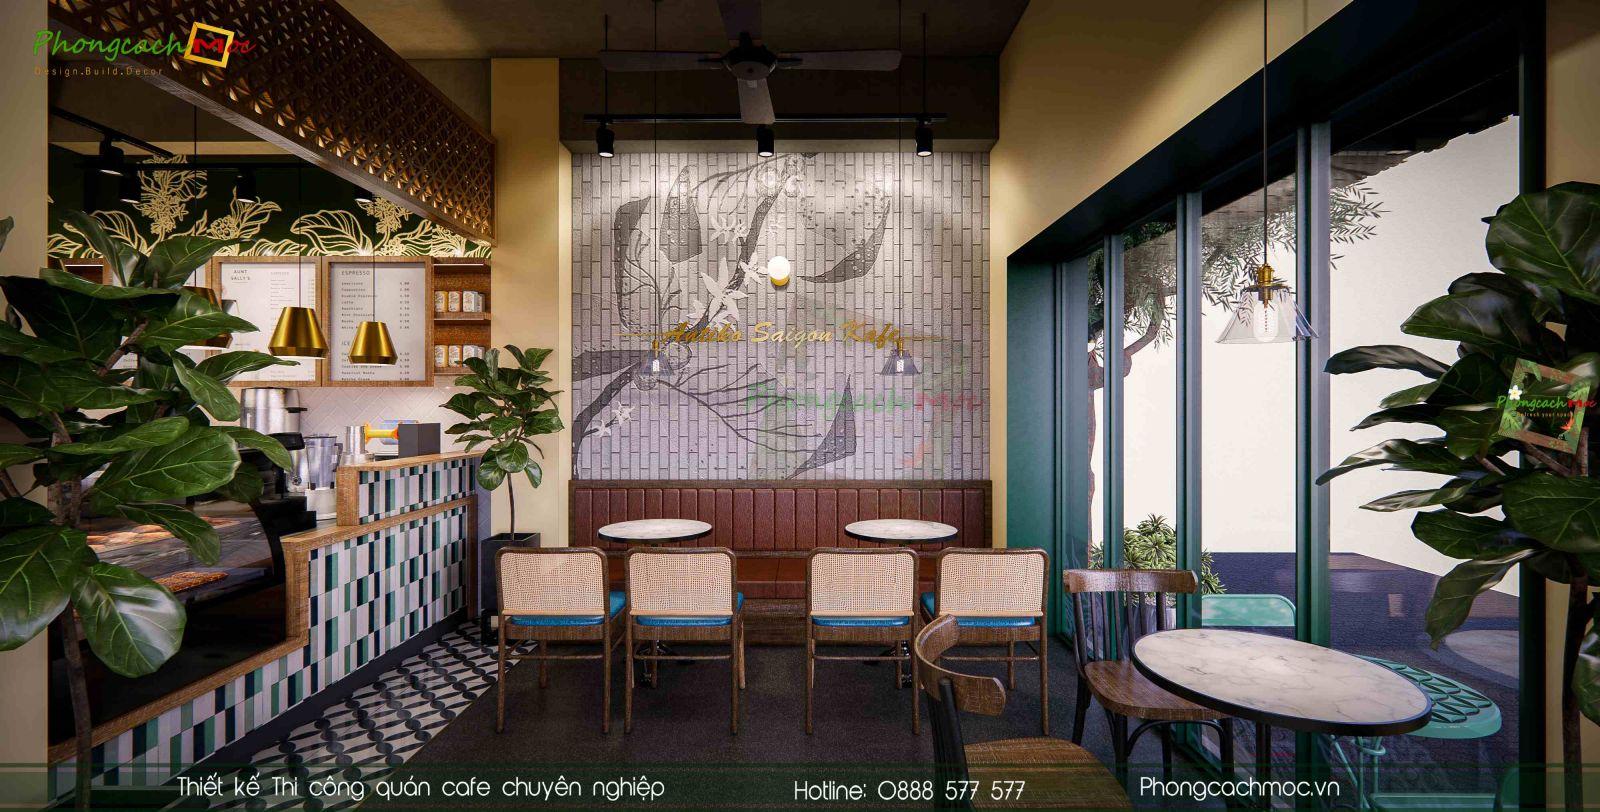 Thiet ke noi that quan cafe Antiki Saigon Kafe